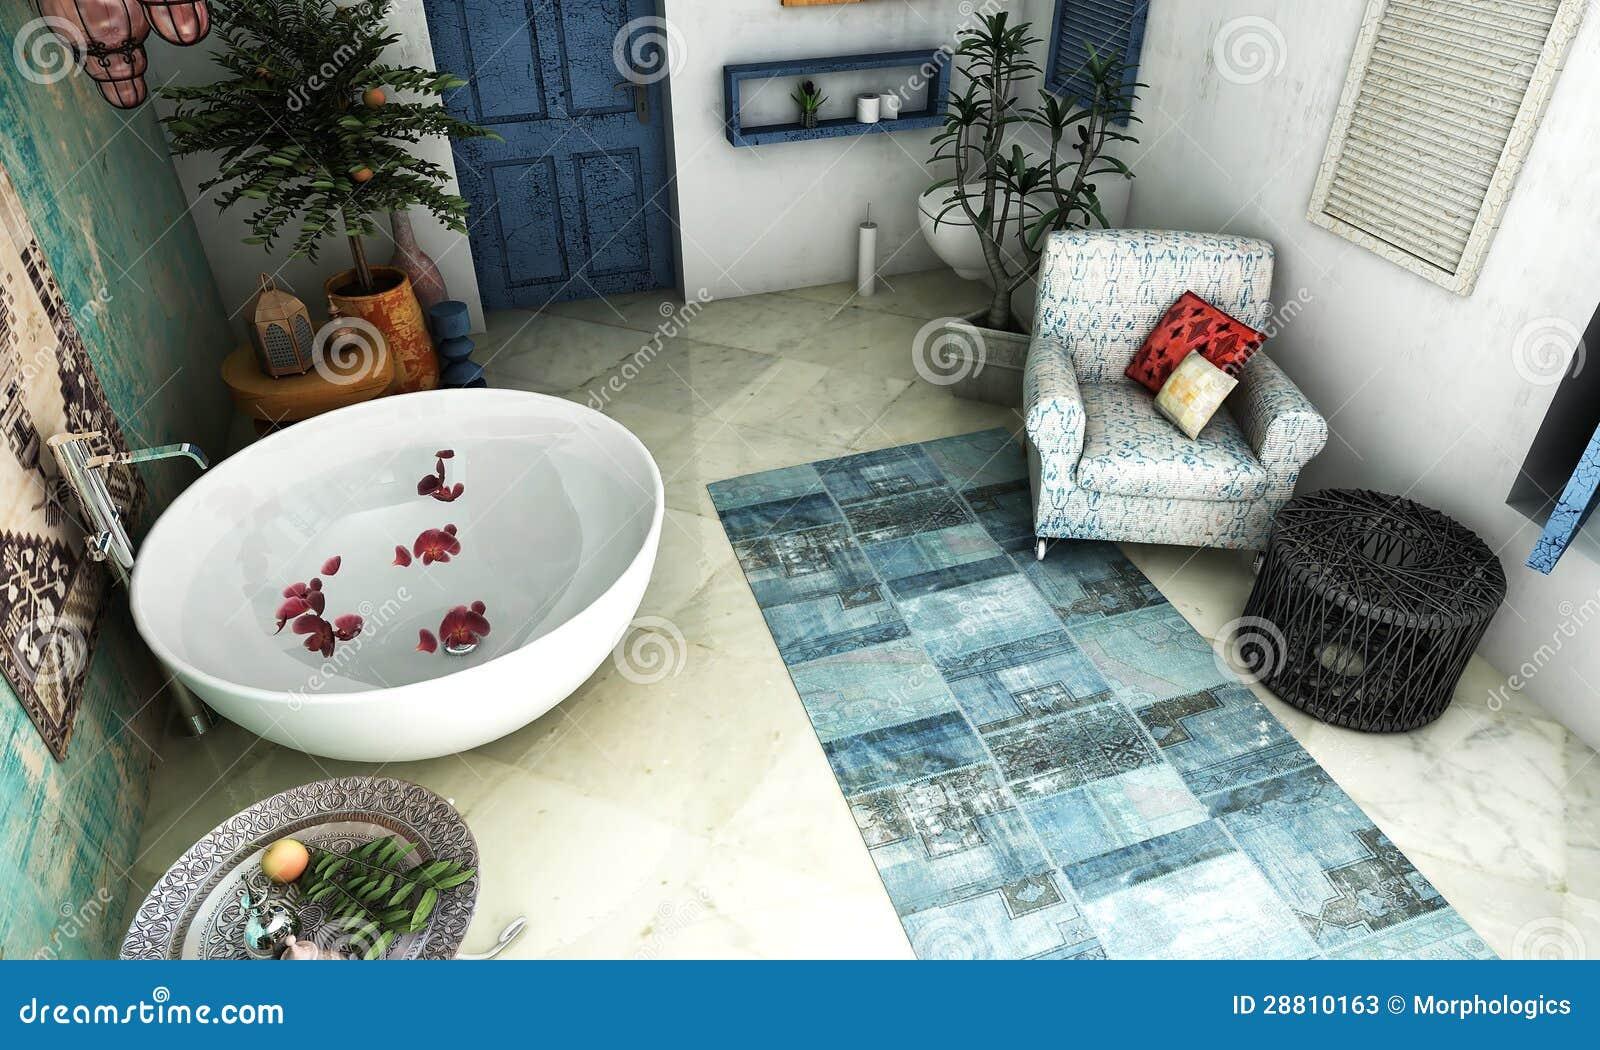 Modern moroccan bathroom - Moroccan Bathroom Stock Photos